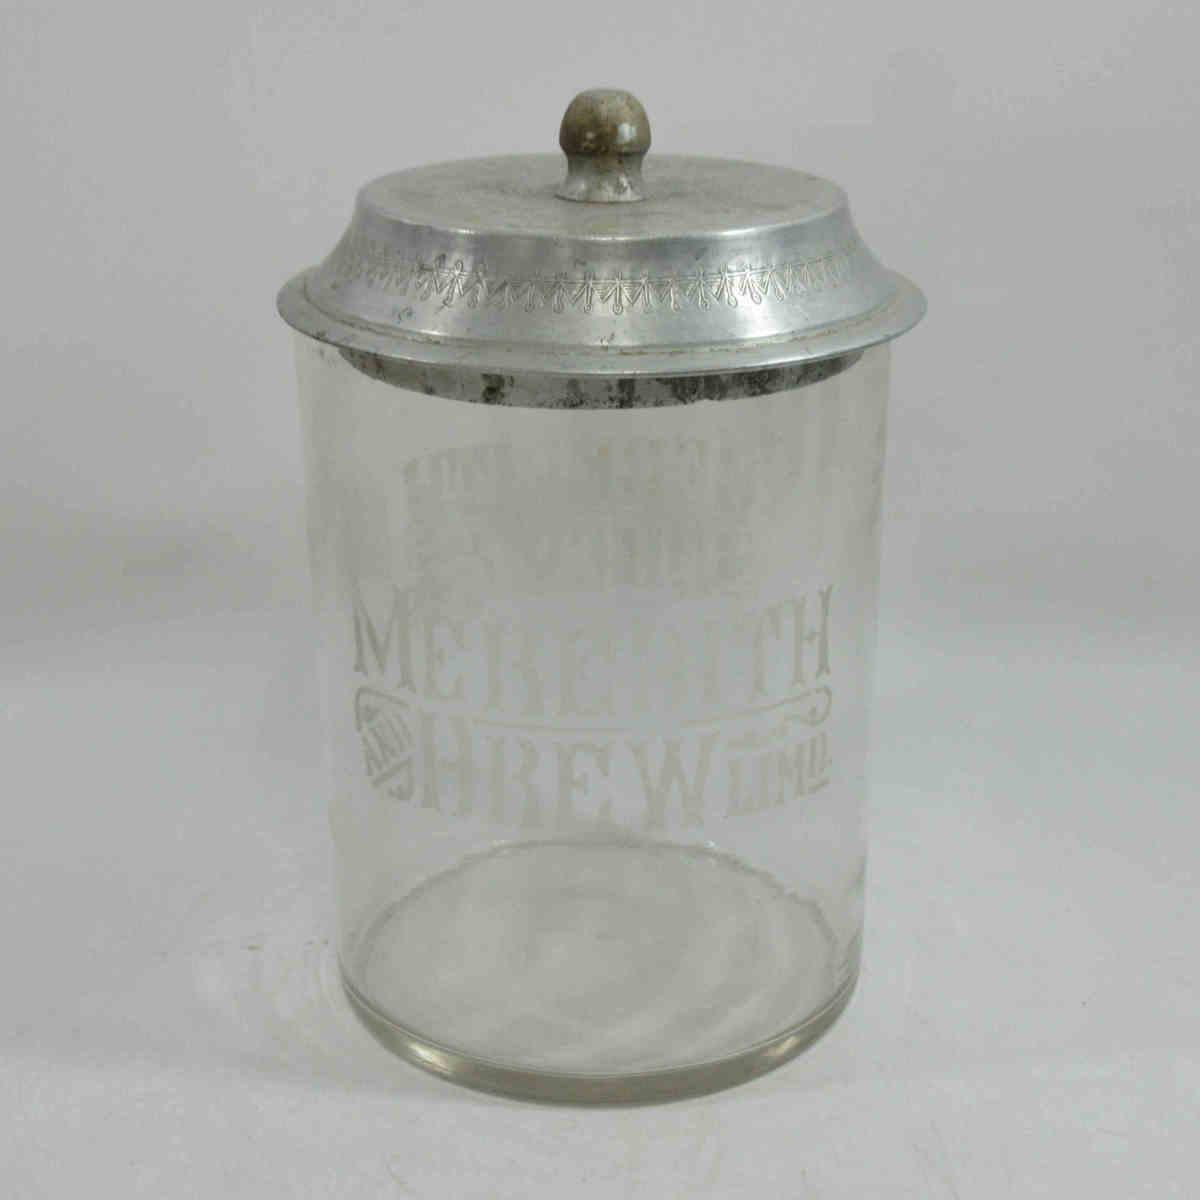 ★英国アンティーク MEREDITH & DREW'S ガラスビスケットジャー ガラス瓶 M&D イギリス ビンテージ l61